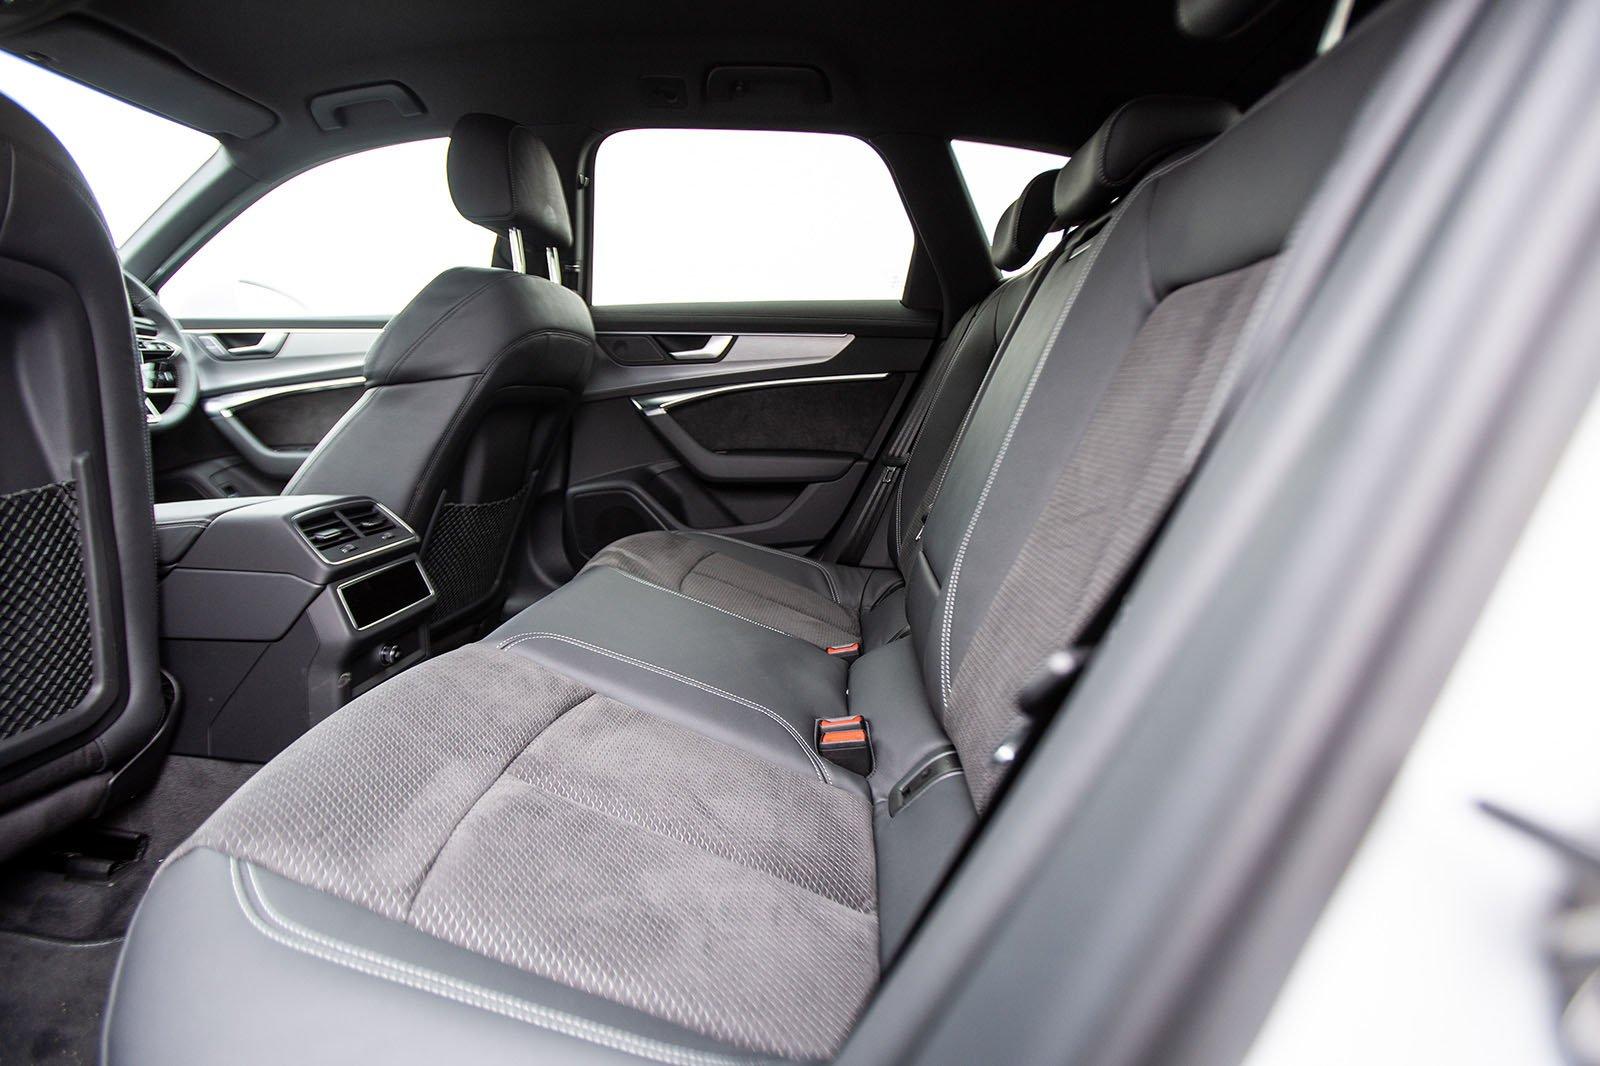 Audi A6 Avant 2019 rear seats